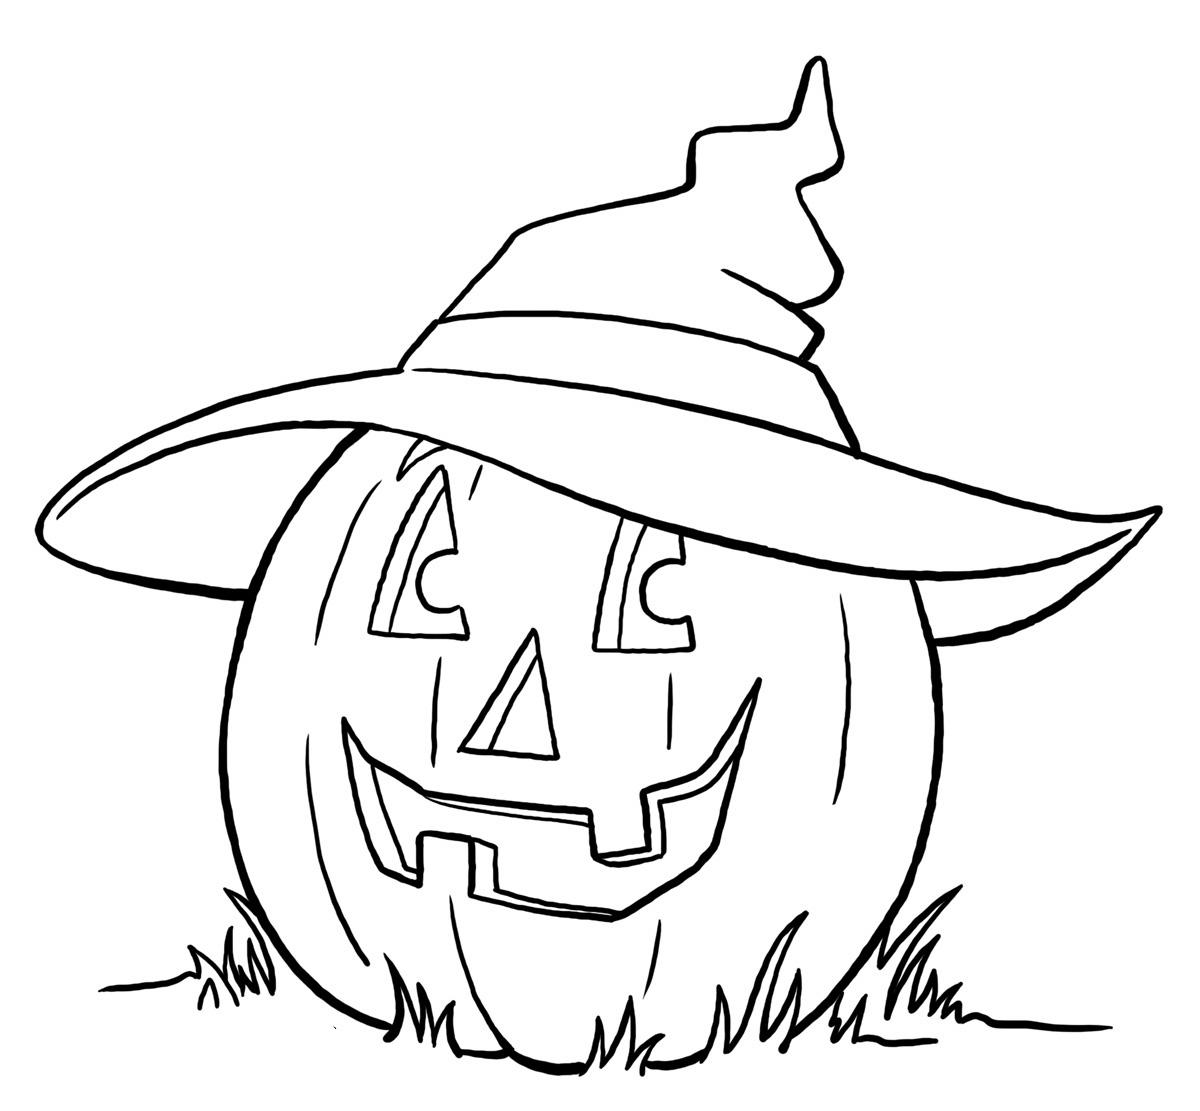 Лучшие, картинки для хэллоуина раскраски